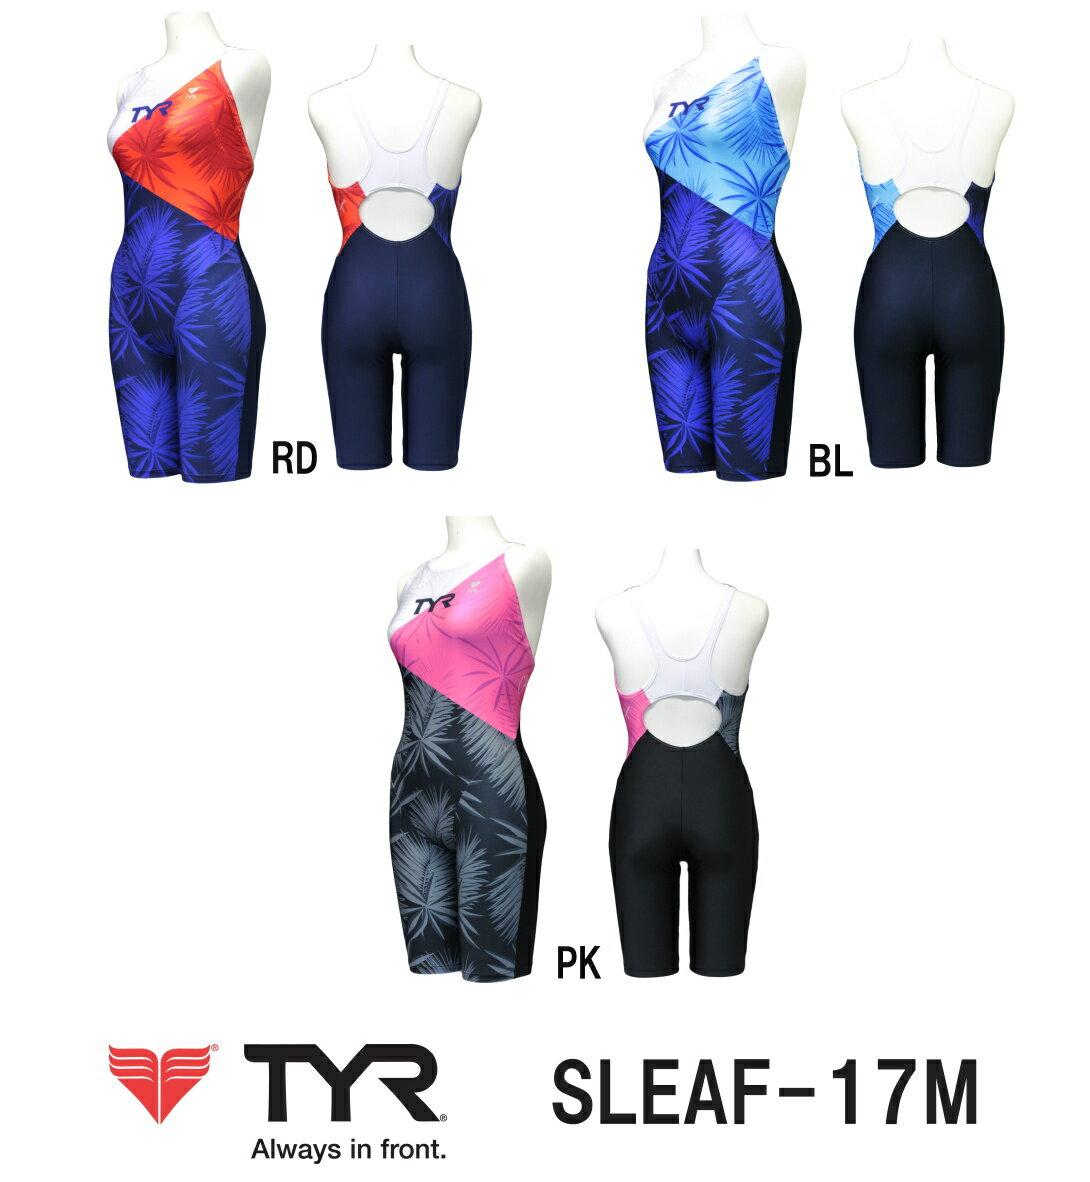 【SLEAF-17M】TYR(ティア) レディーストレーニング水着 CRYSTAL LEAF(クリスタル リーフ) ウィメンズオールインワン[練習用水着/スパッツ/女性用]